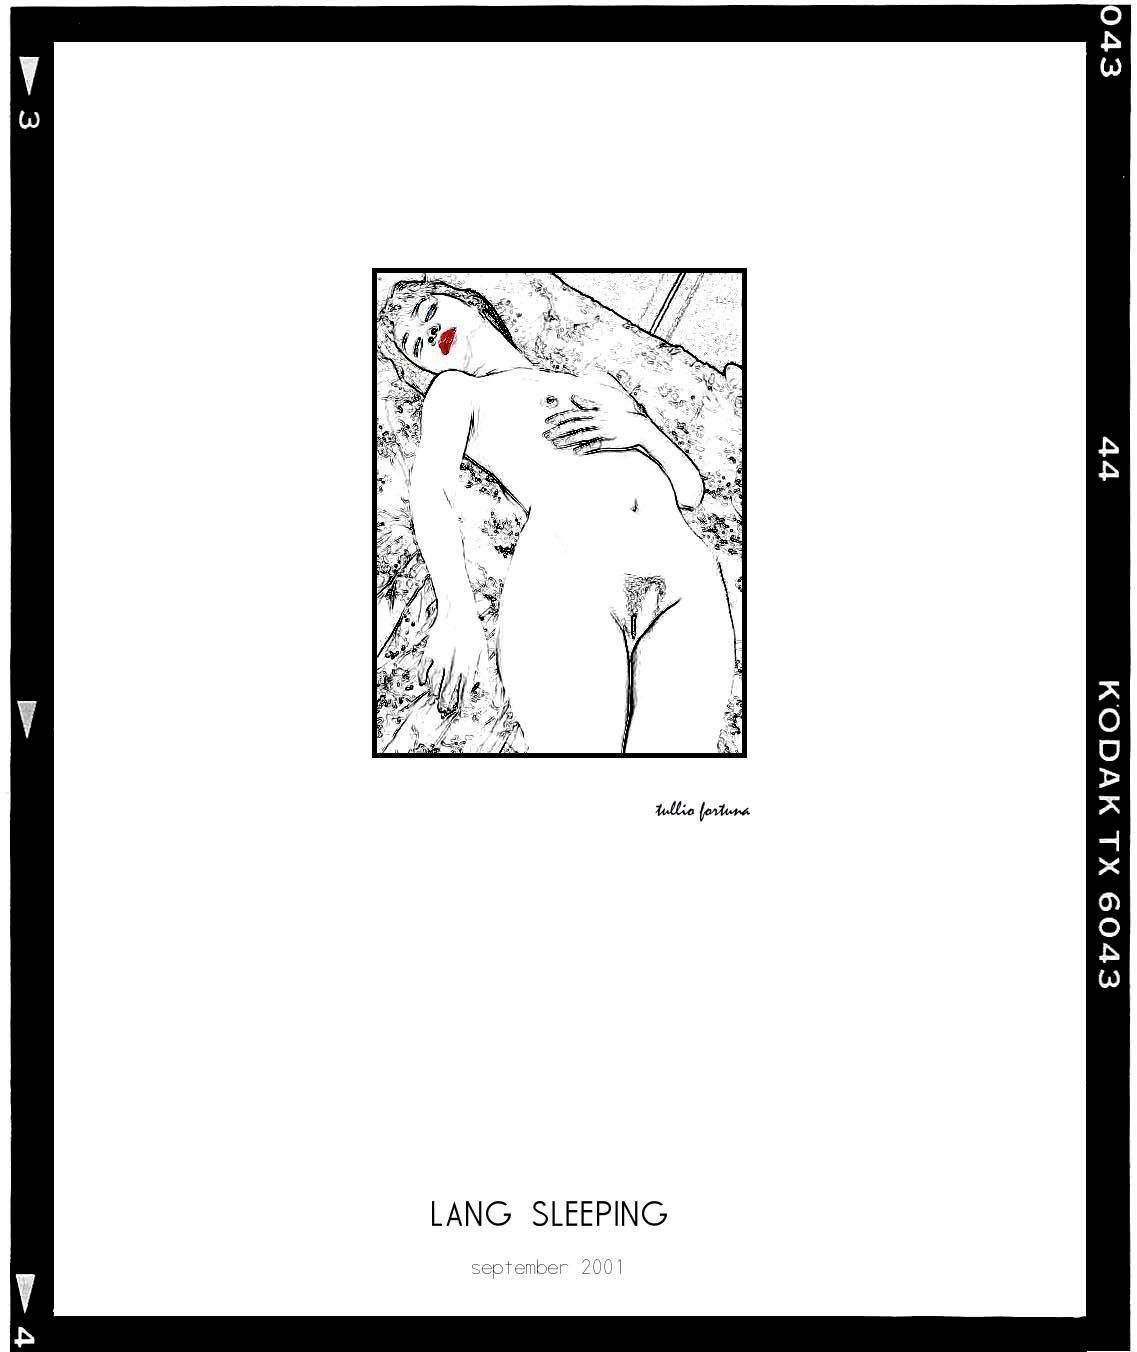 Lang sleeping